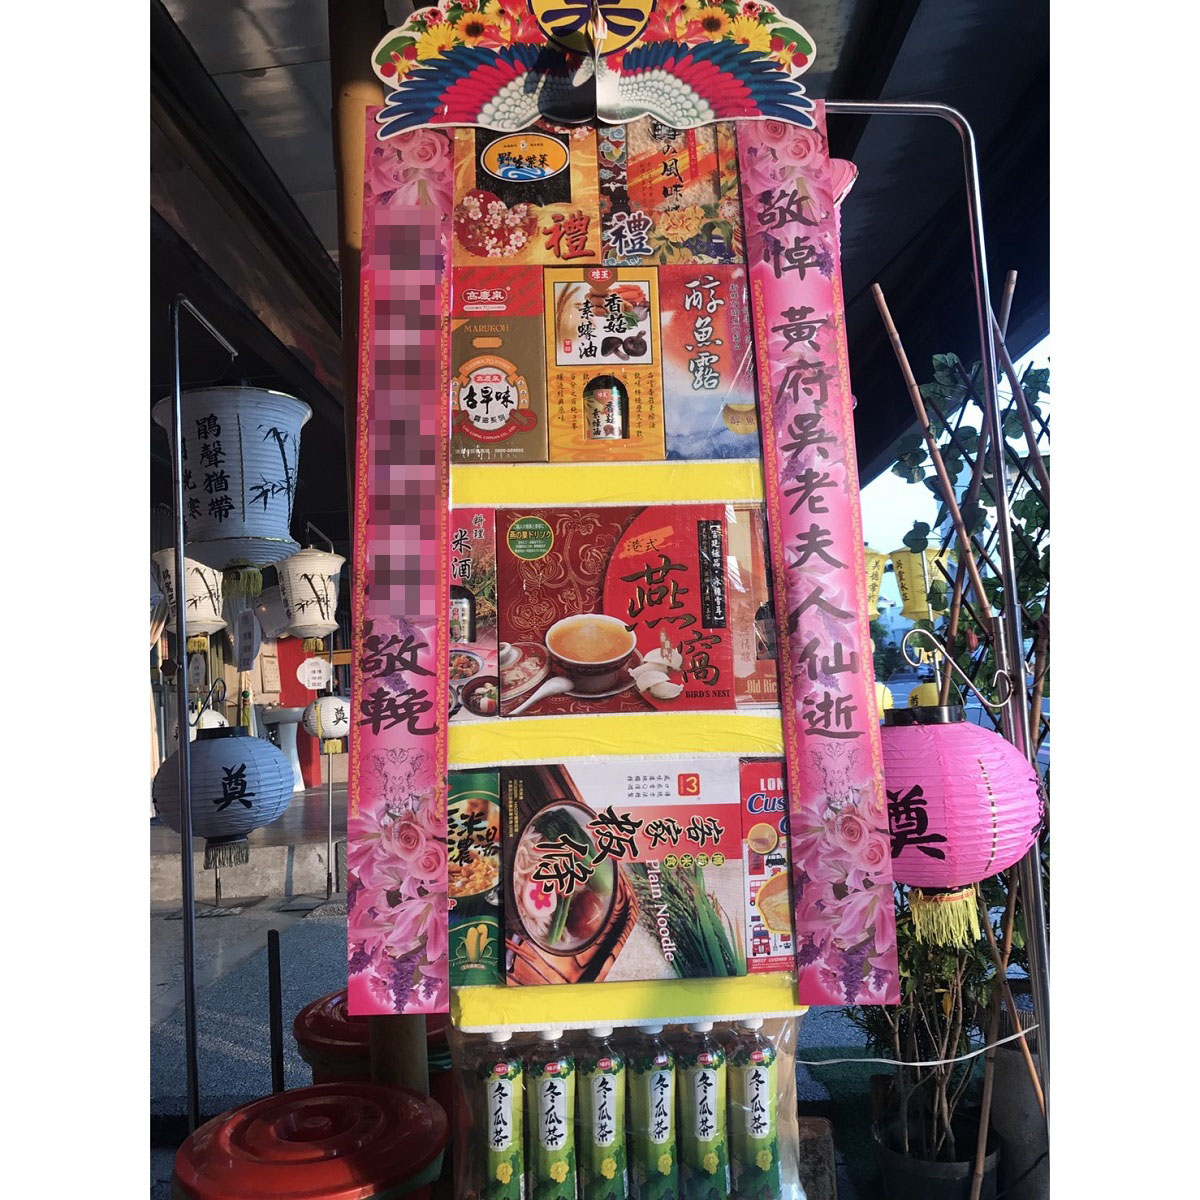 喪禮用五層乾糧飲料綜合罐頭塔